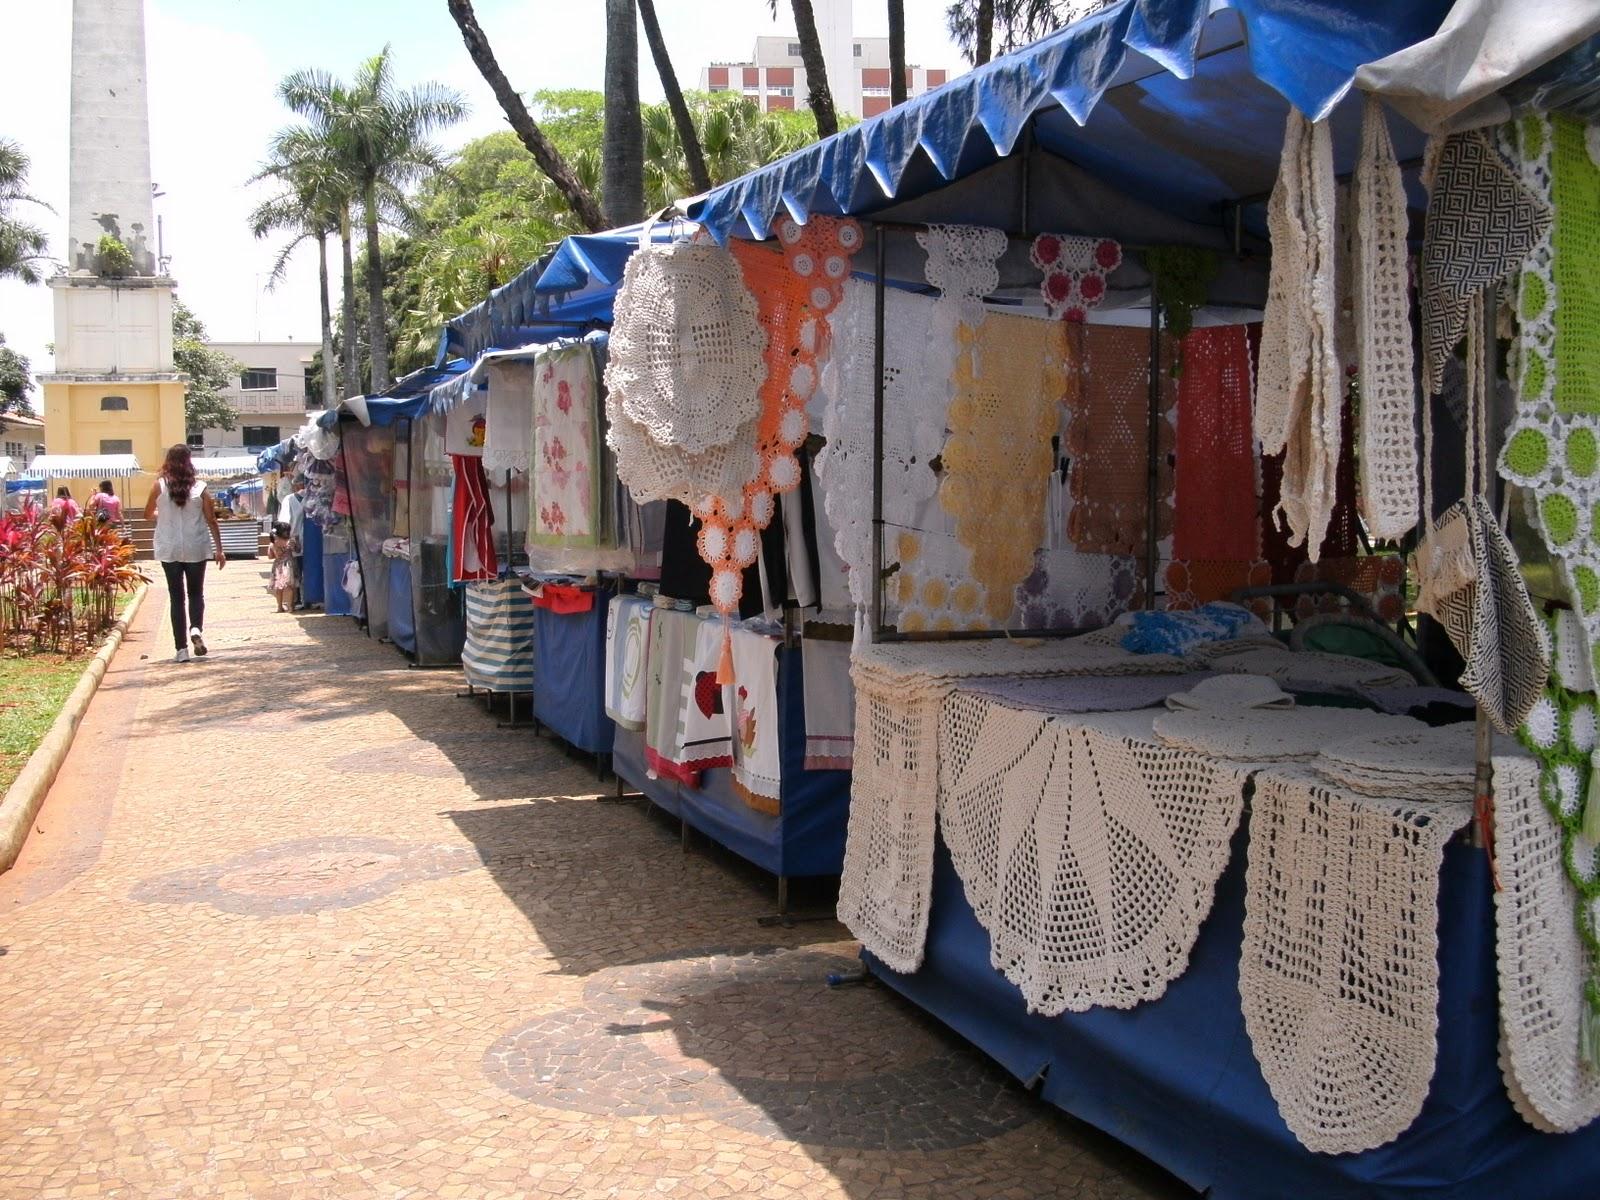 Aparador Embaixo Da Tv ~ feira de artesanato em Sorocaba VISÃO GERAL E APRESENTA u00c7ÃO DAS BARRACAS